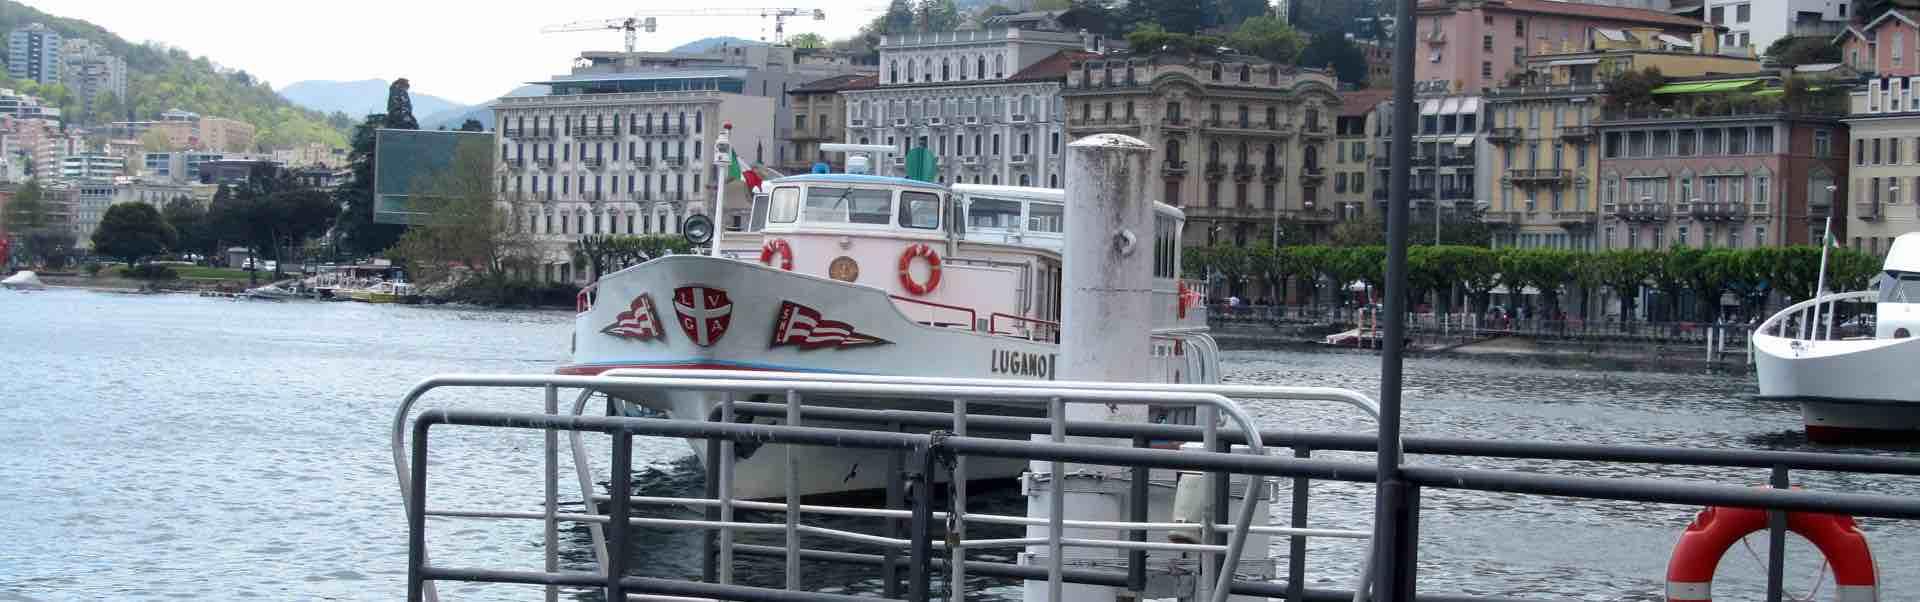 Soggiorno in monolocale a Lugano